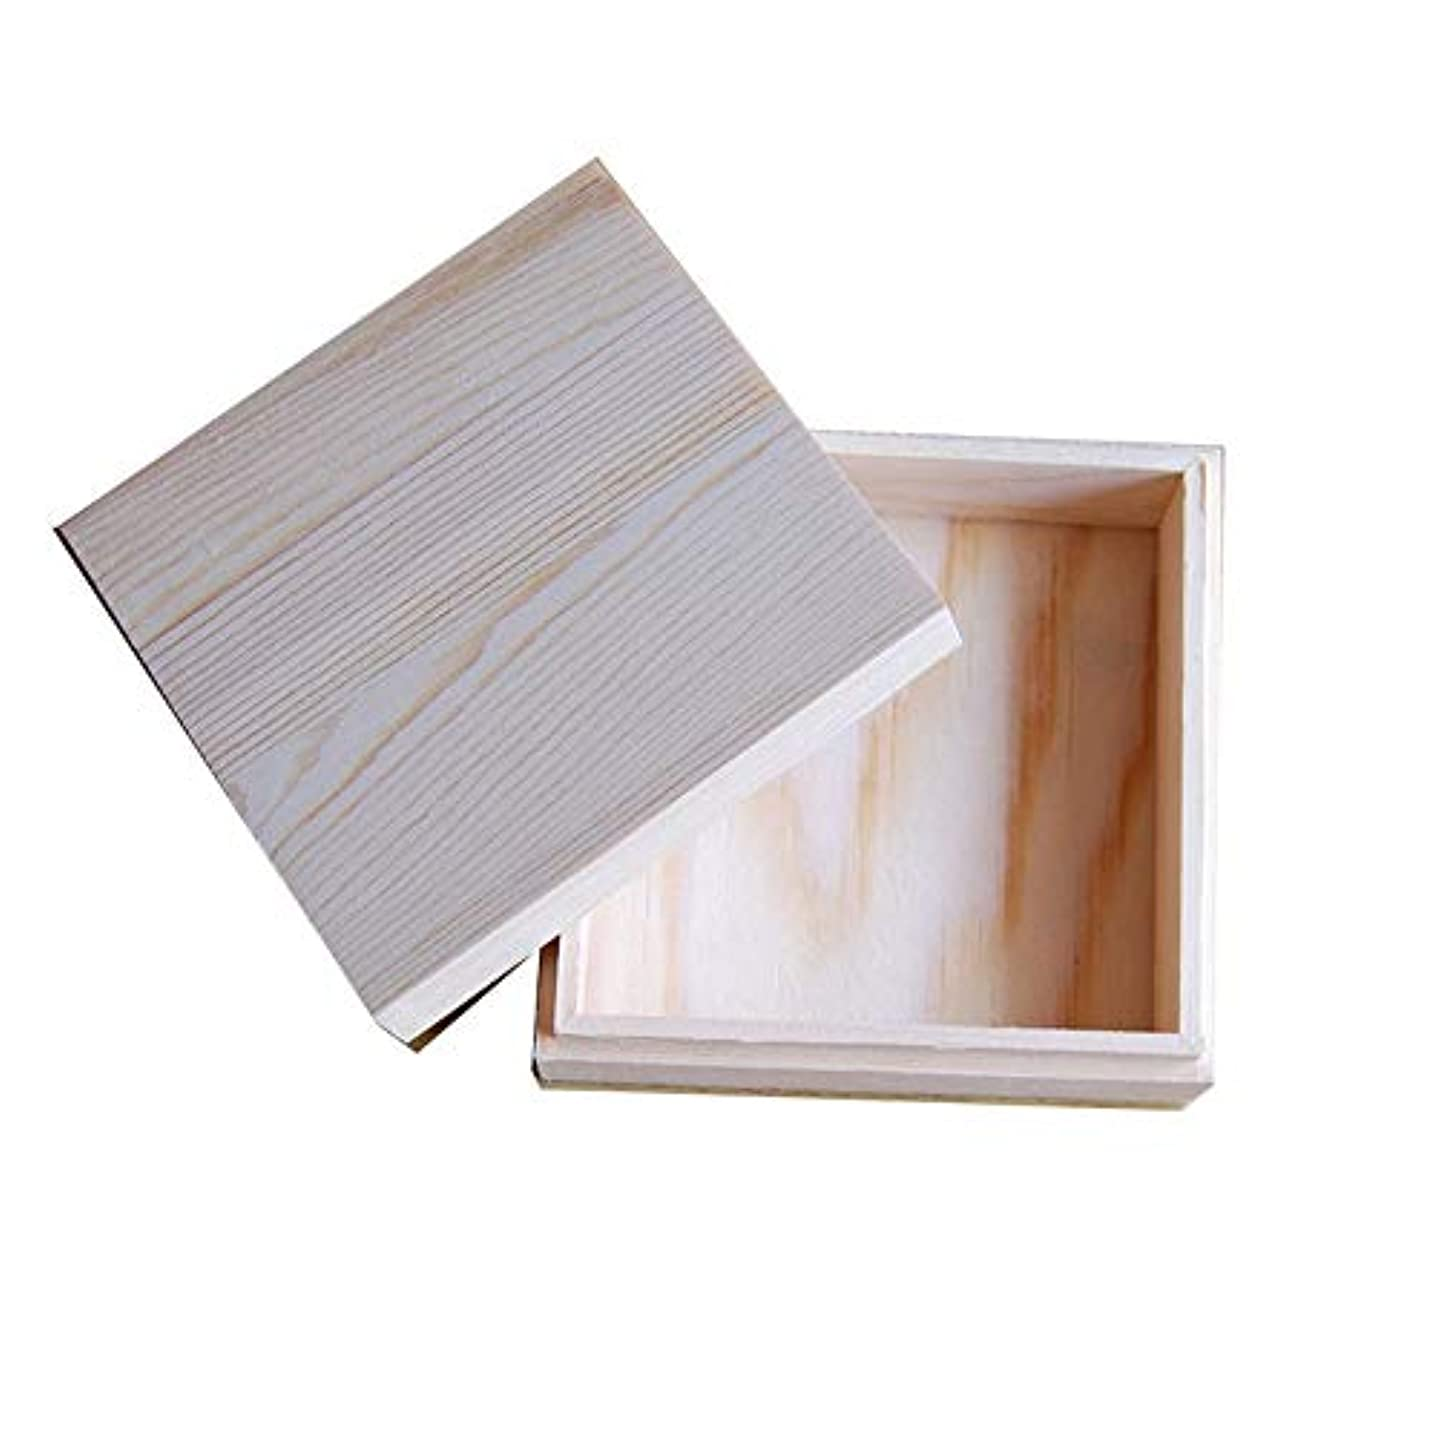 大破感心する改修木製のエッセンシャルオイルストレージボックス安全に油を維持するためのベスト アロマセラピー製品 (色 : Natural, サイズ : 11.5X11.5X5CM)